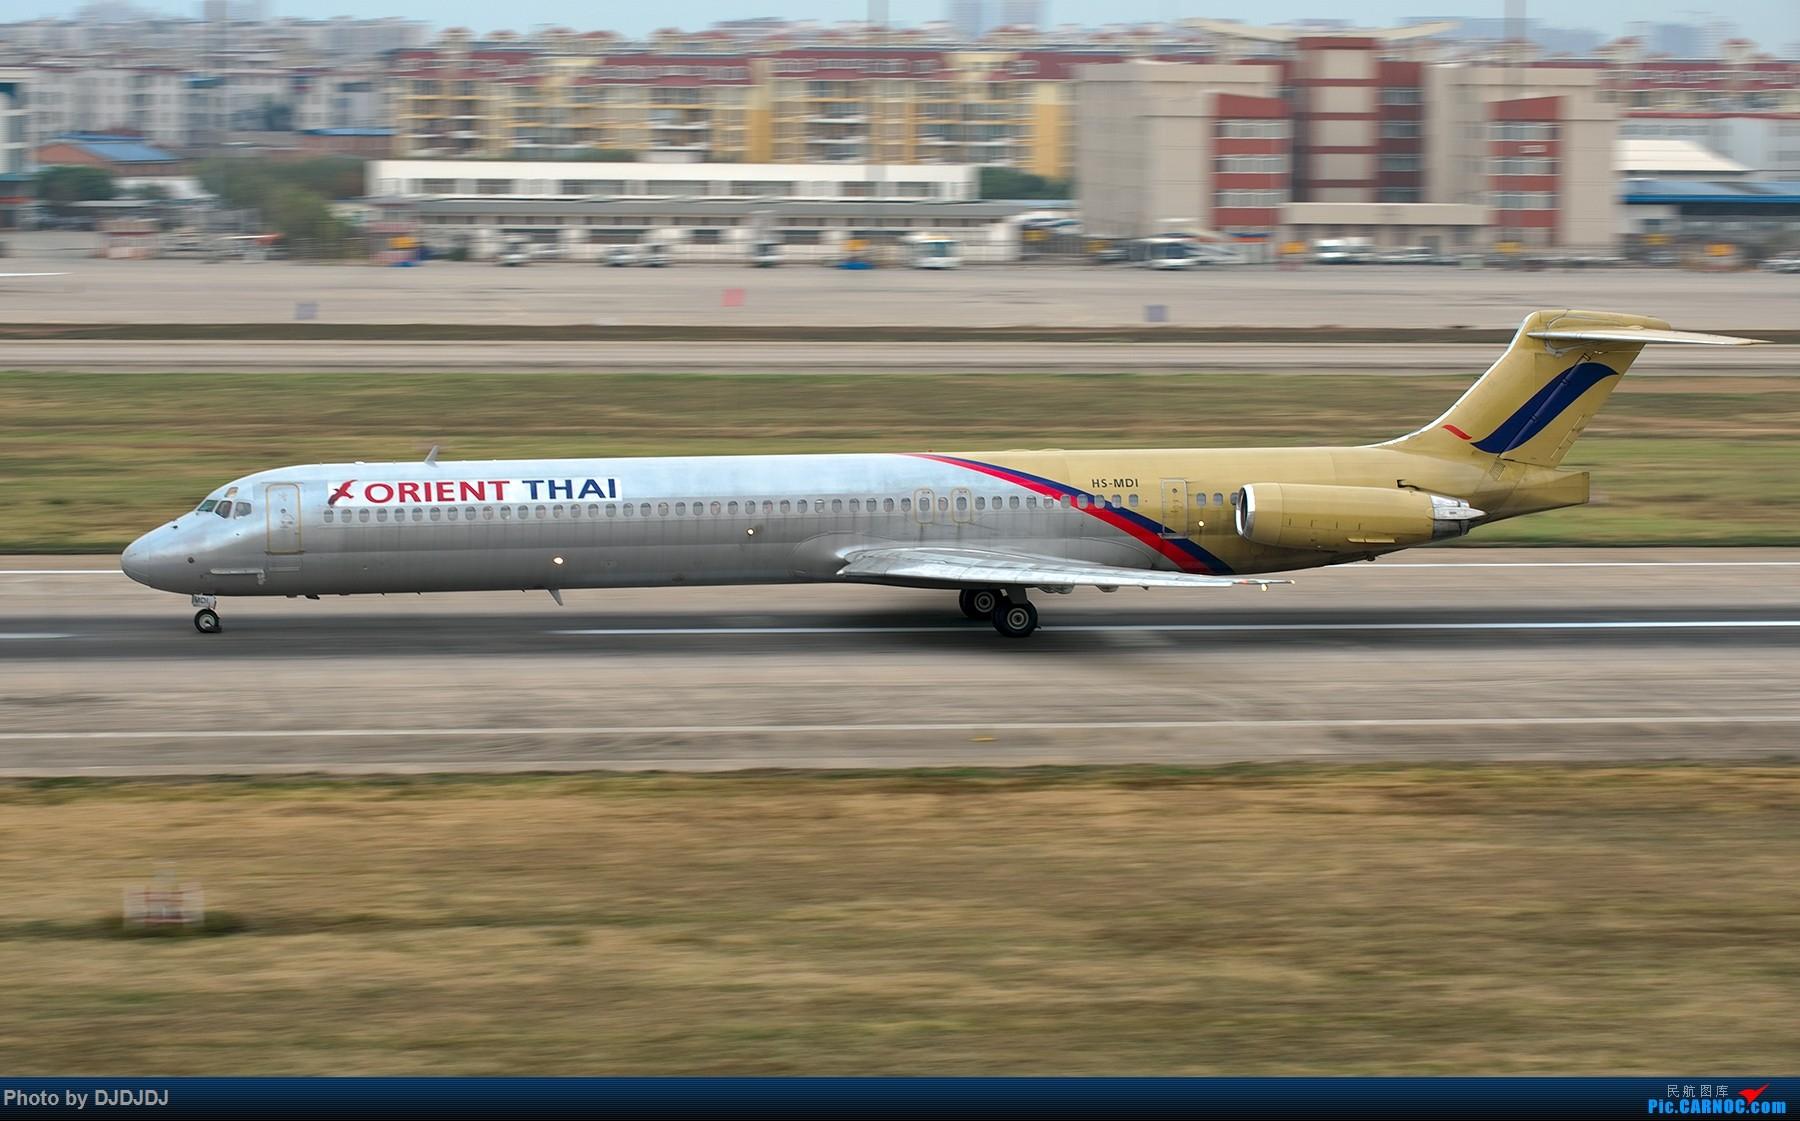 [原创]【BLDDQ】珍藏的小动感 MD-90 HS-MDI 中国昆明长水国际机场机场